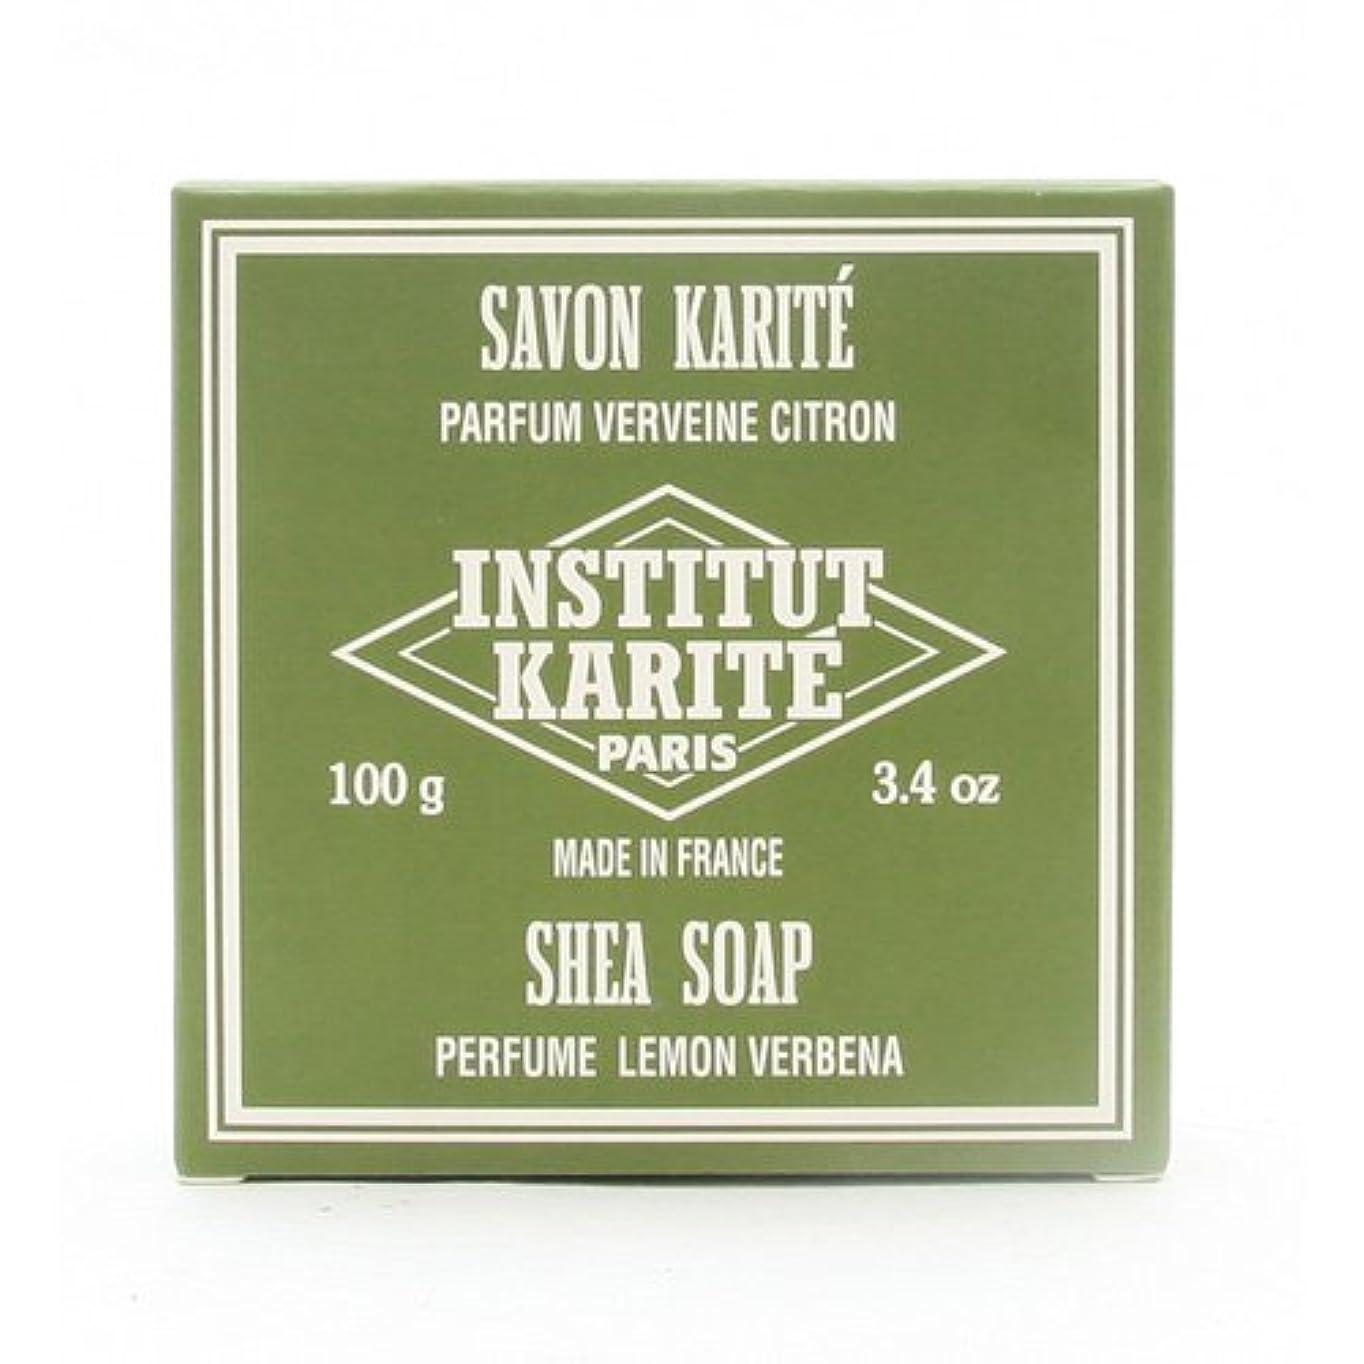 上にビリー収容するINSTITUT KARITE インスティテュート カリテ 25% Extra Gentle Soap ジェントルソープ 100g Lemon Vervenaレモンバーベナ